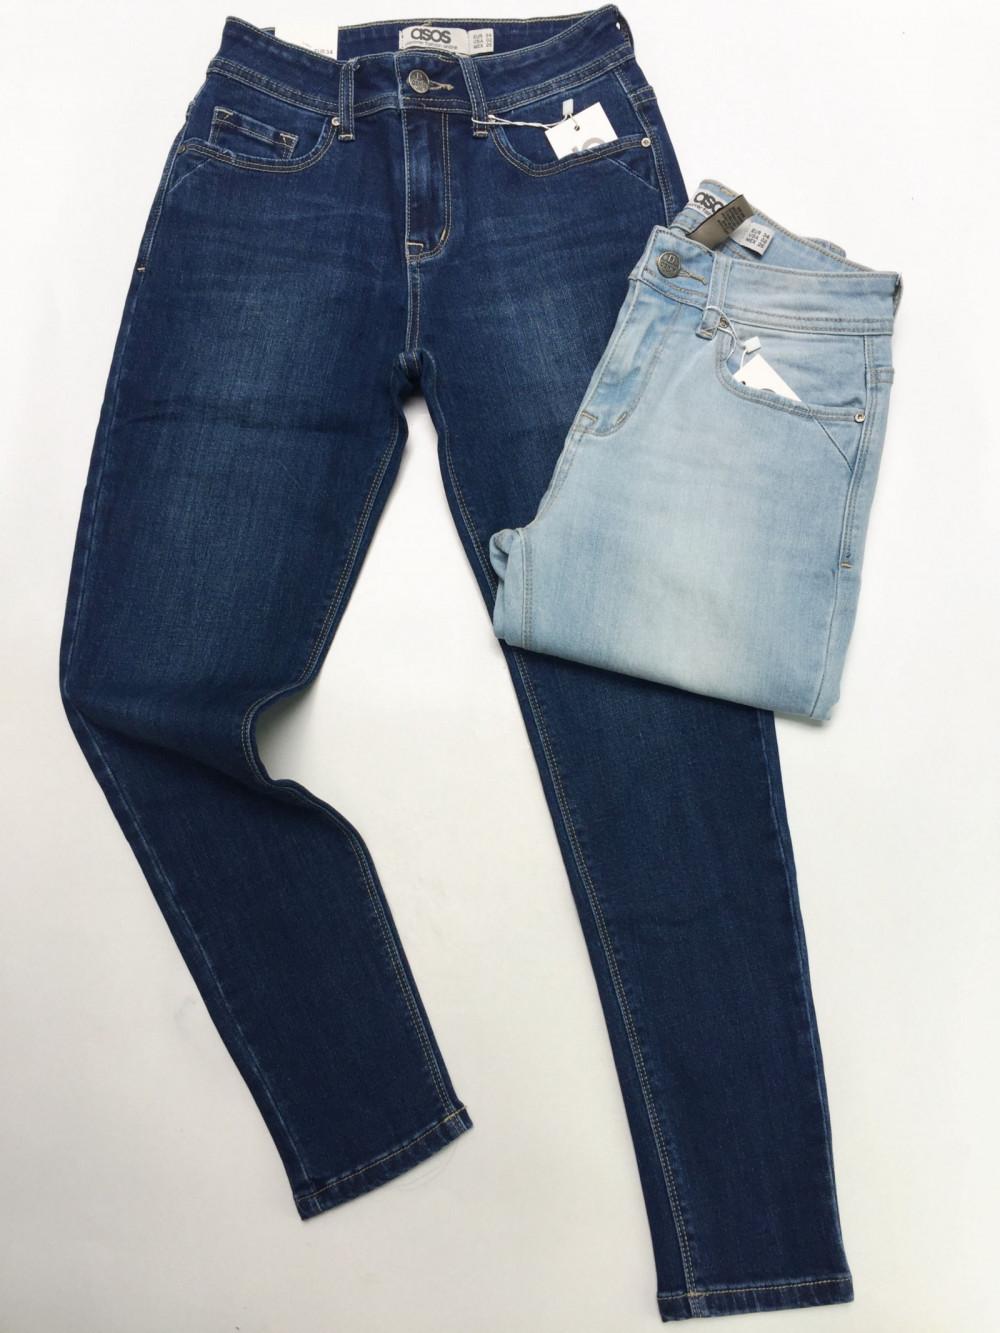 Xưởng bỏ sỉ quần jean nữ uy tín tphcm - 4